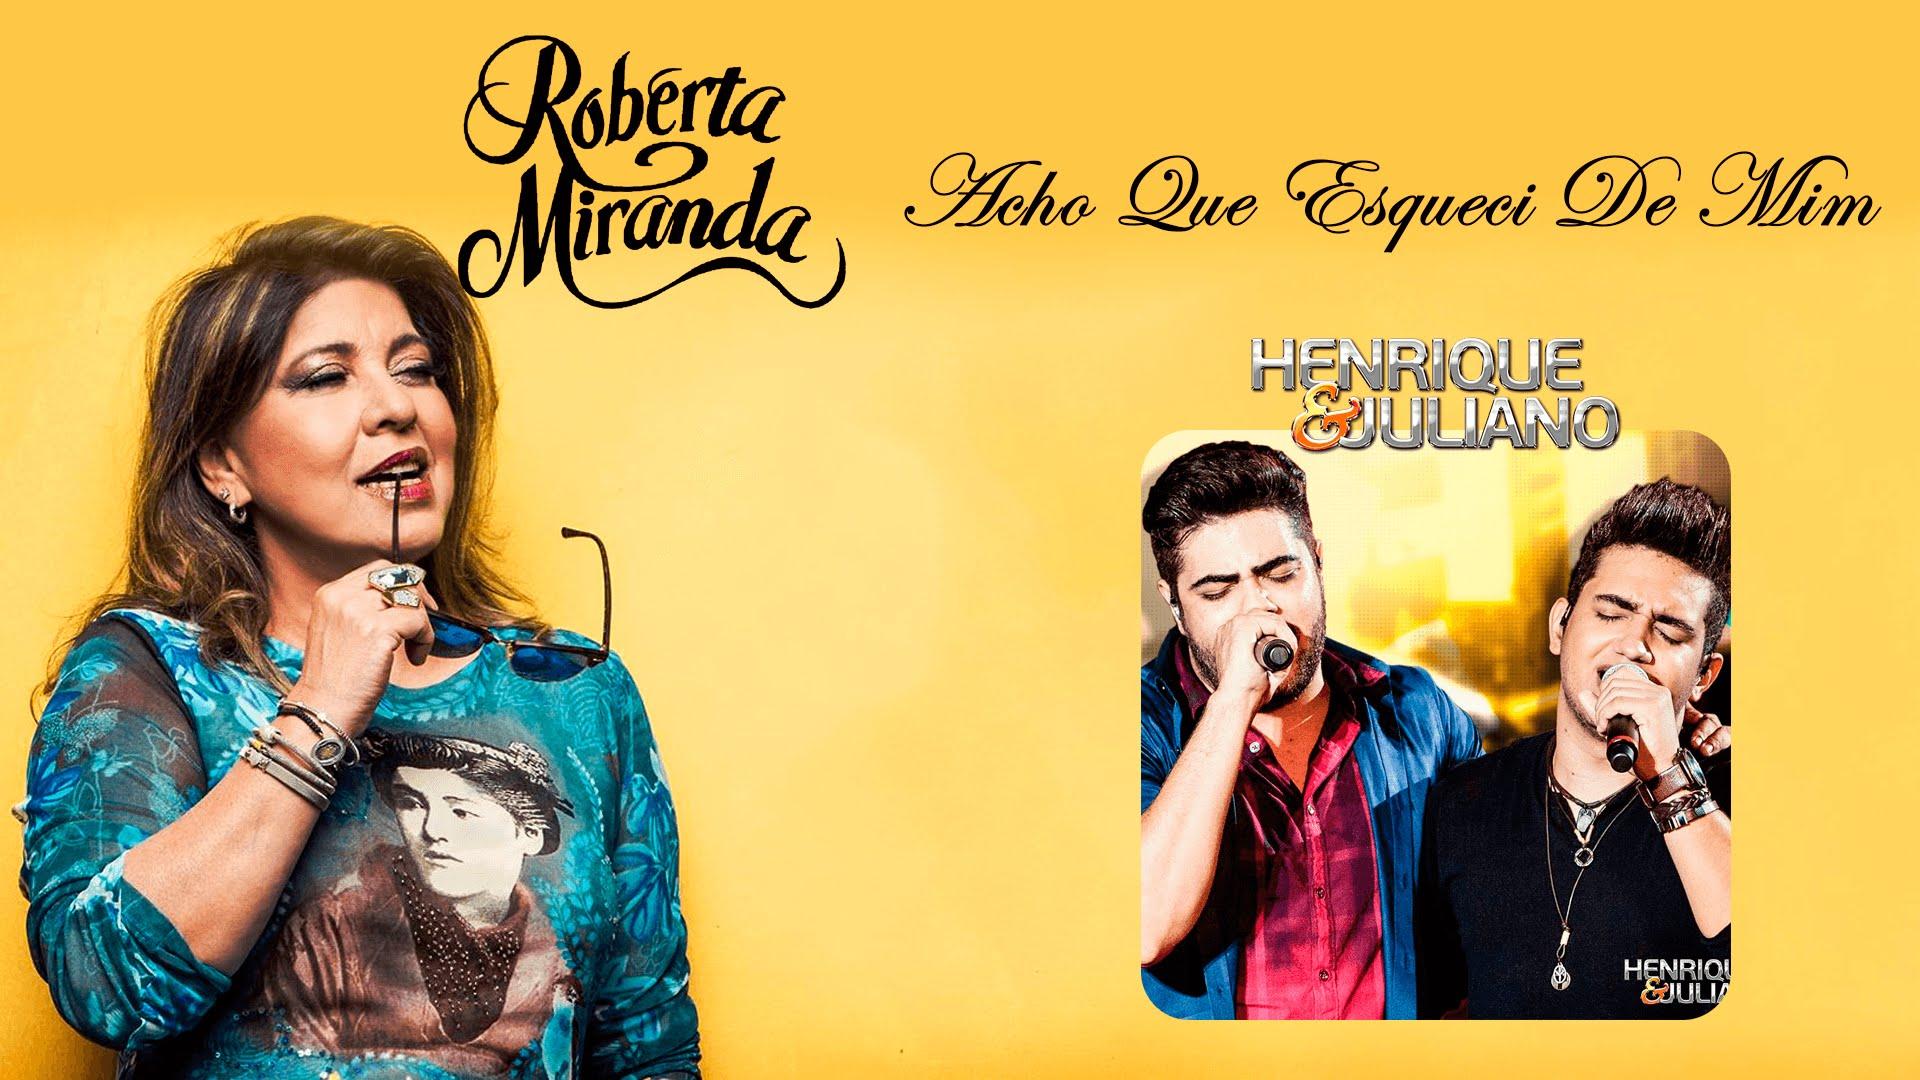 Roberta Miranda e Henrique e Juliano gravam clip